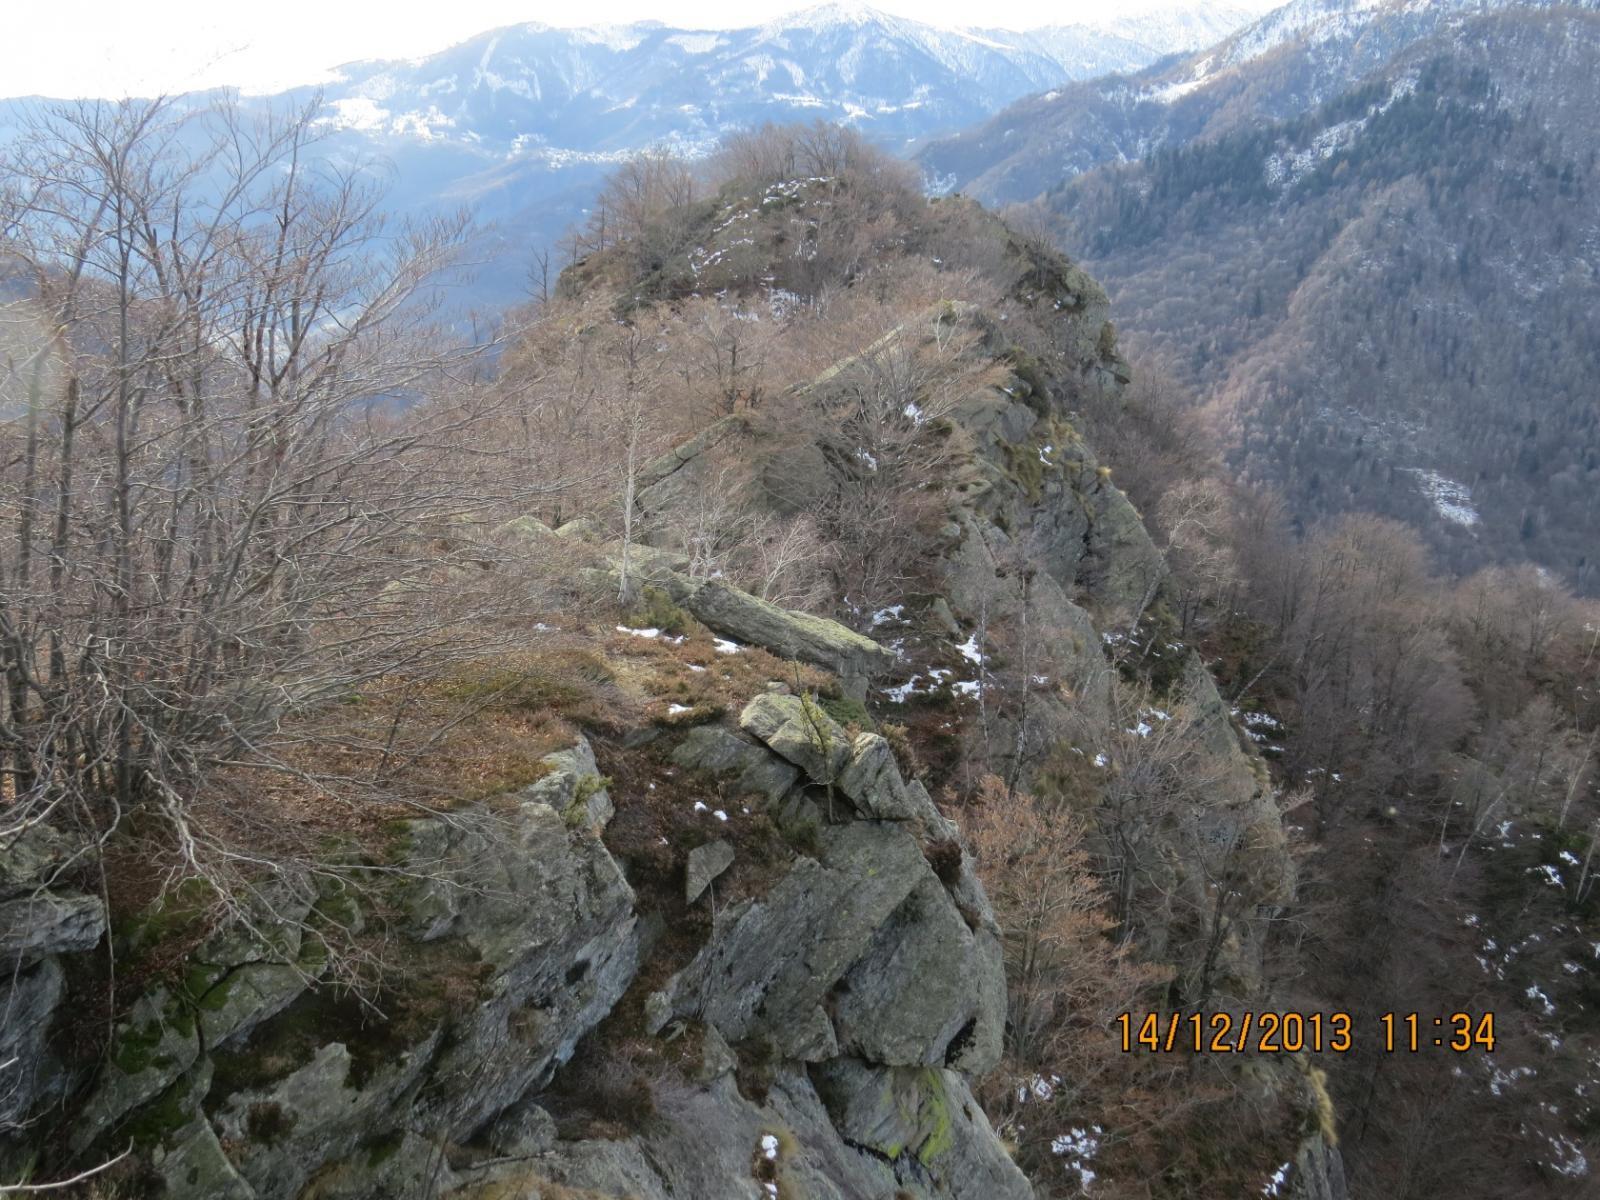 Percorso di cresta per raggiungere il Monte Betassa